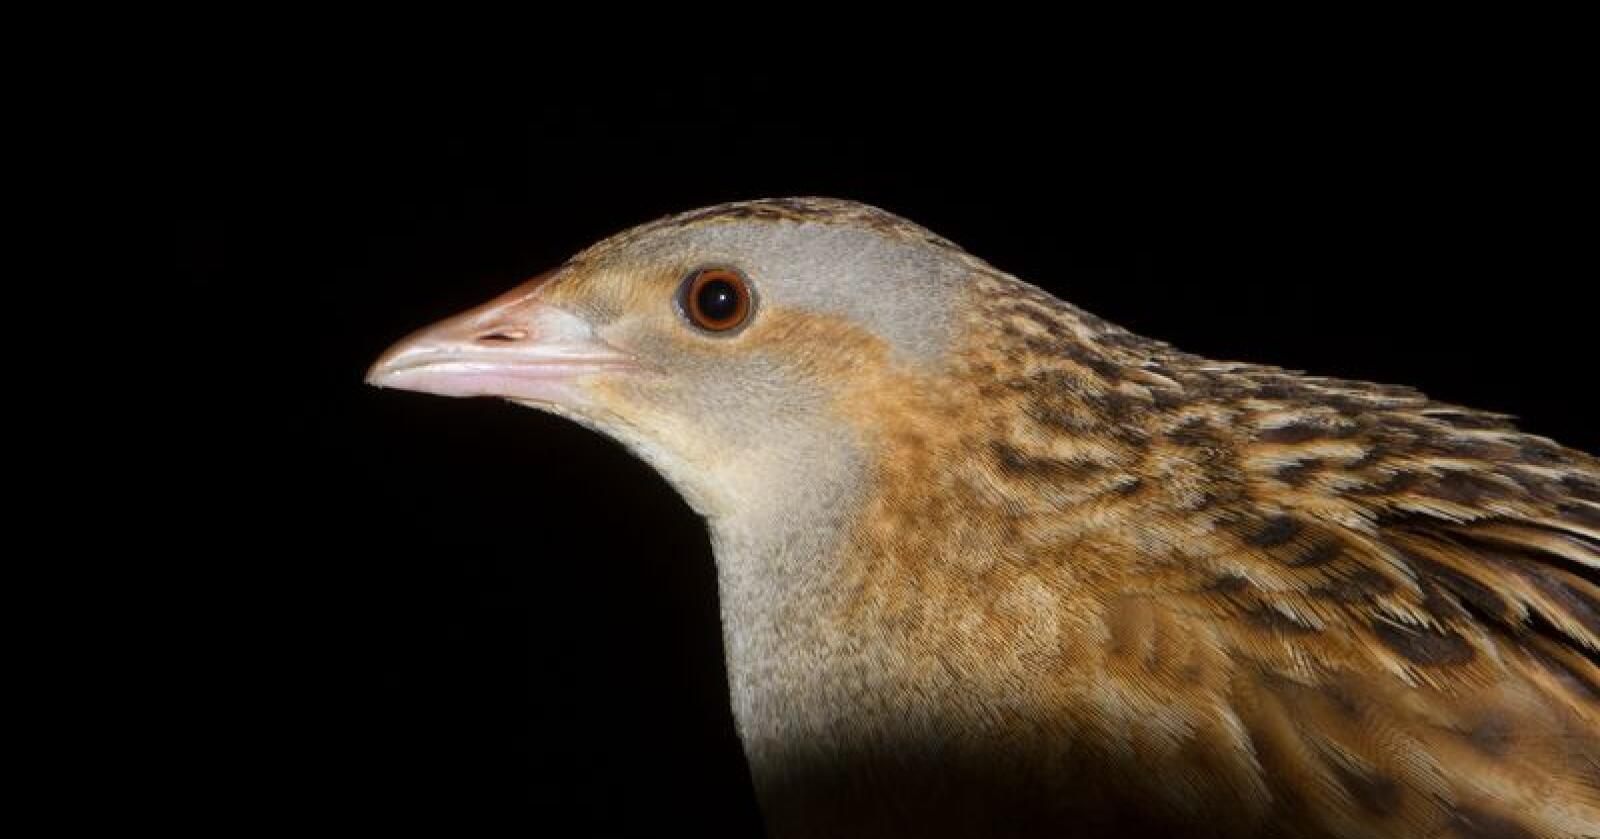 Åkerriksa er en av mange fuglearter i kulturlandskapet som sliter, skriver NOF. Bildet er tatt under kontrollerte forhold. (Foto: Frode Falkenberg, NOF)